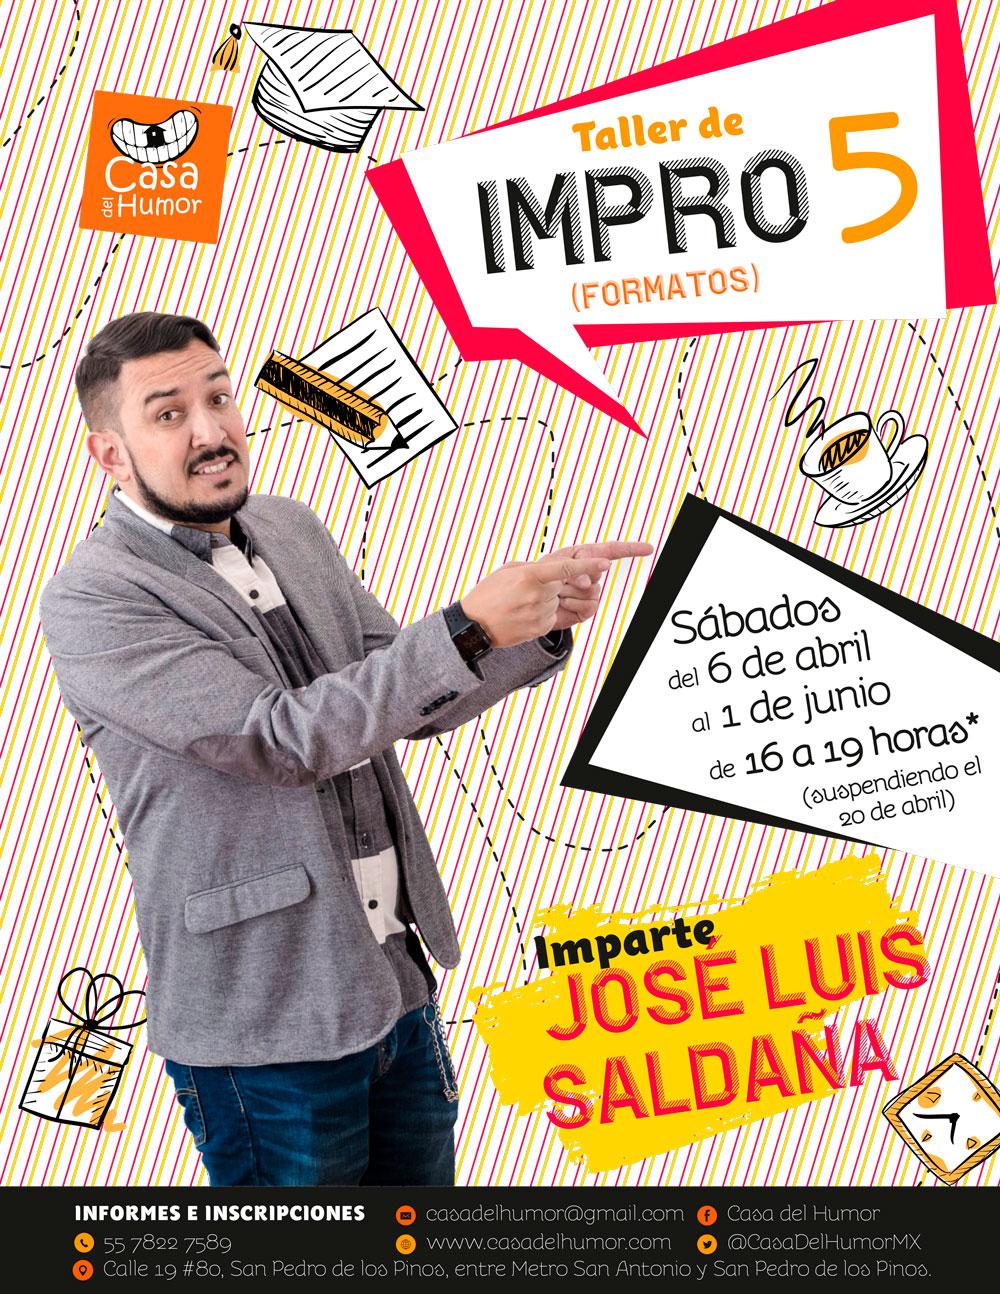 afiche_impro5